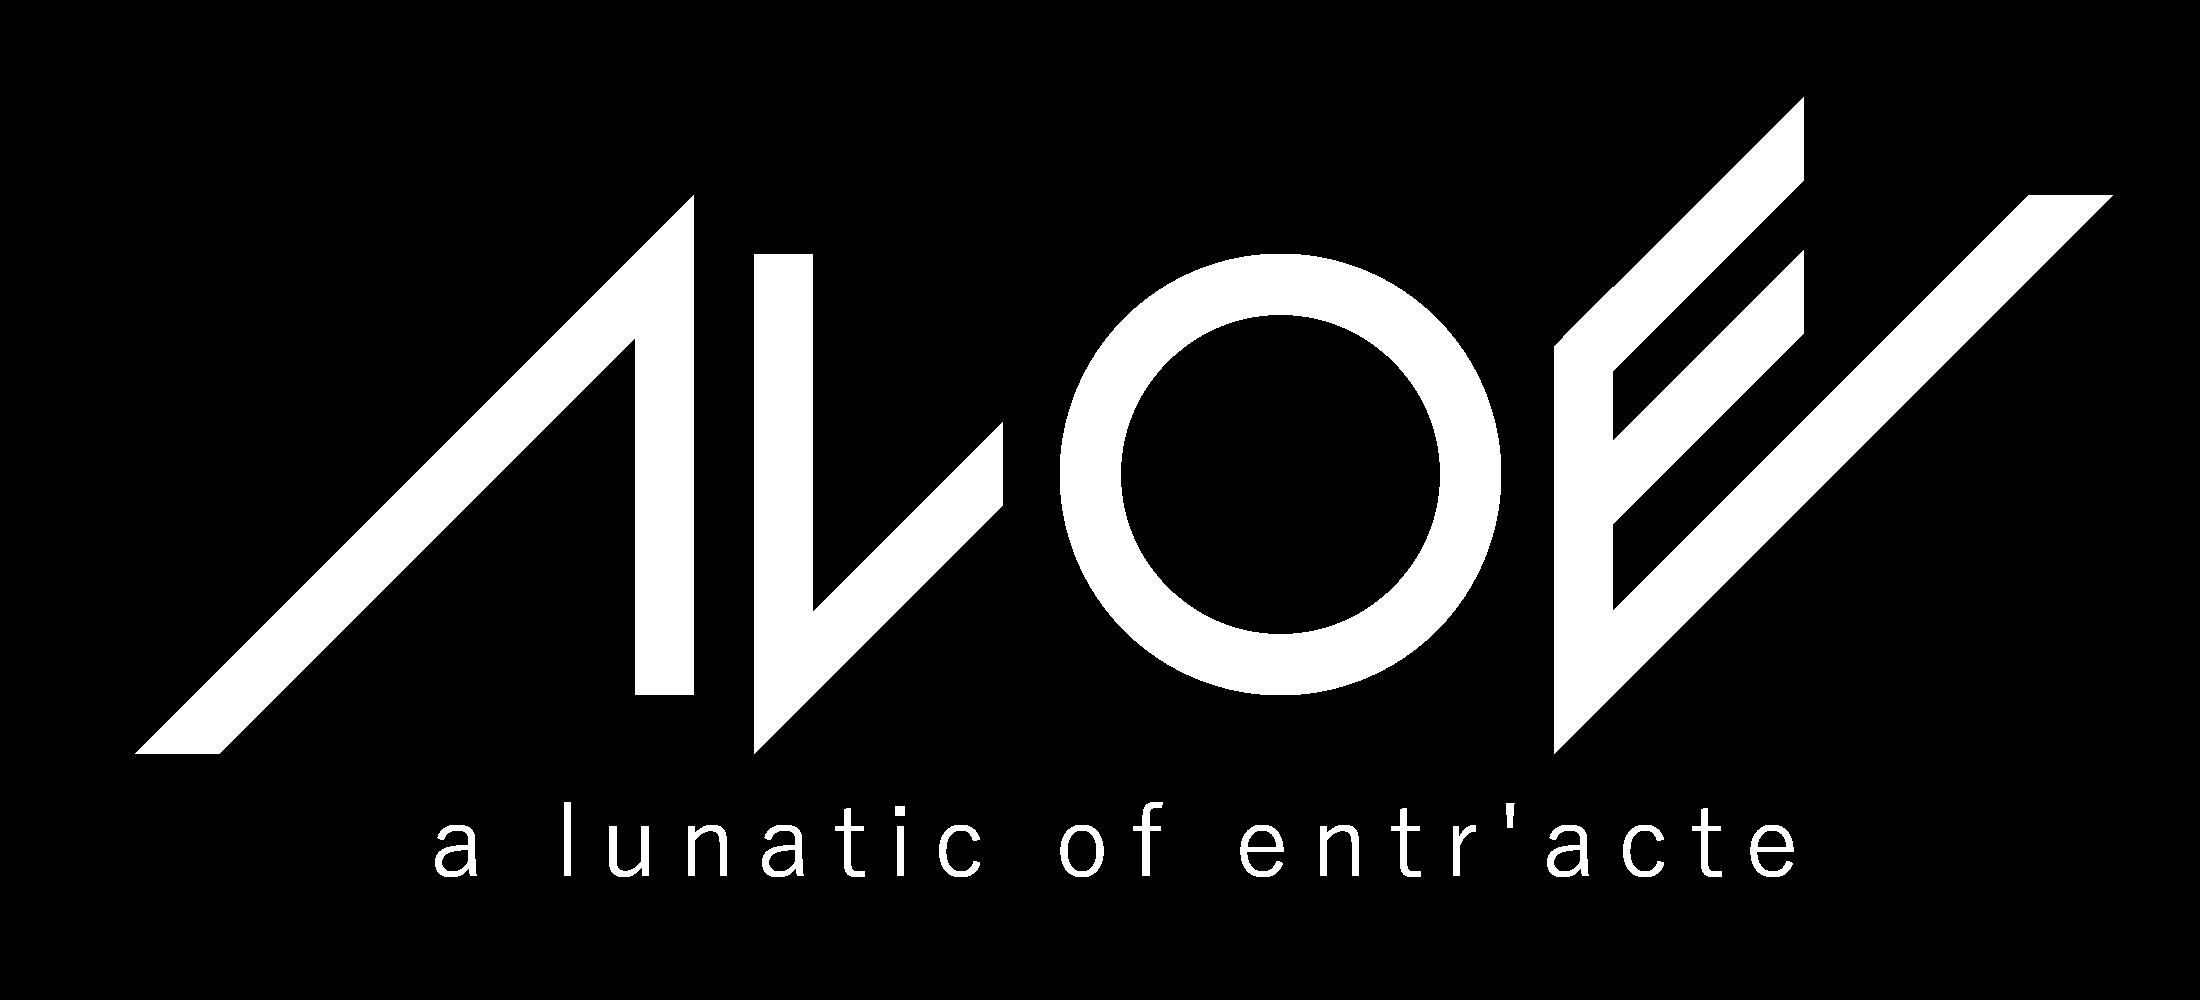 a lunatic of entr'acte